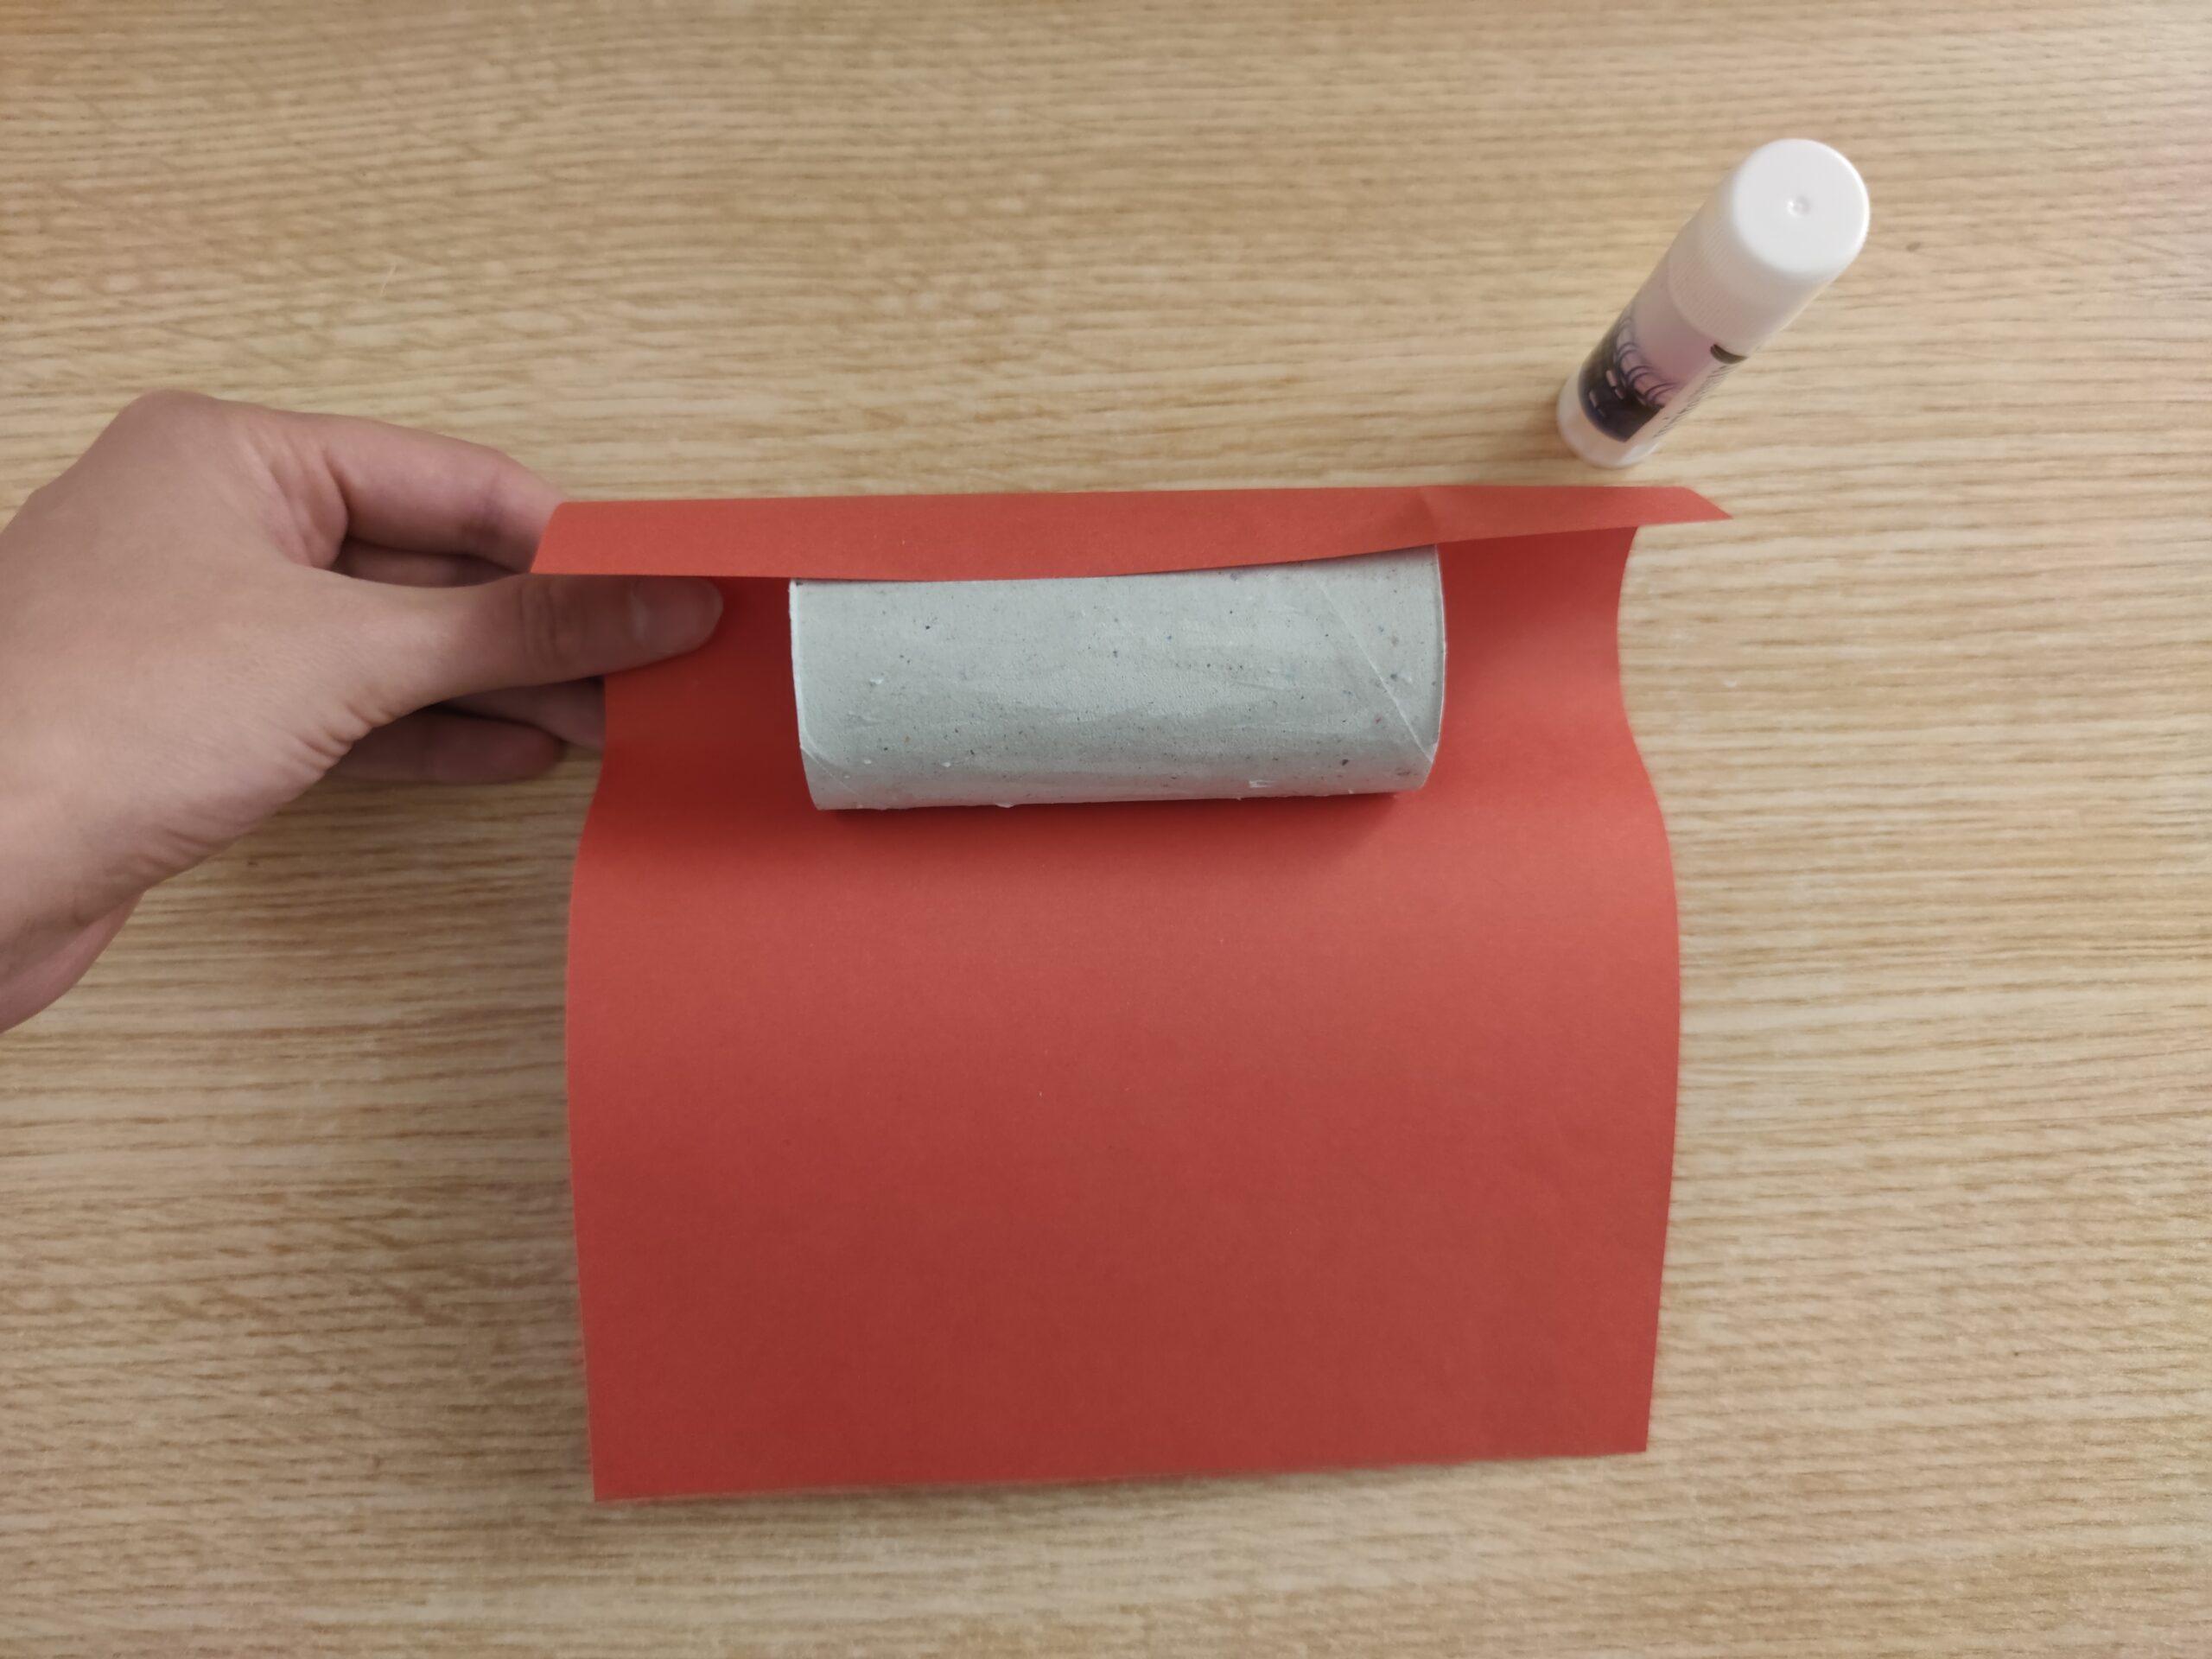 Calendario dell'avvento fai da te con rotoli di carta igienica